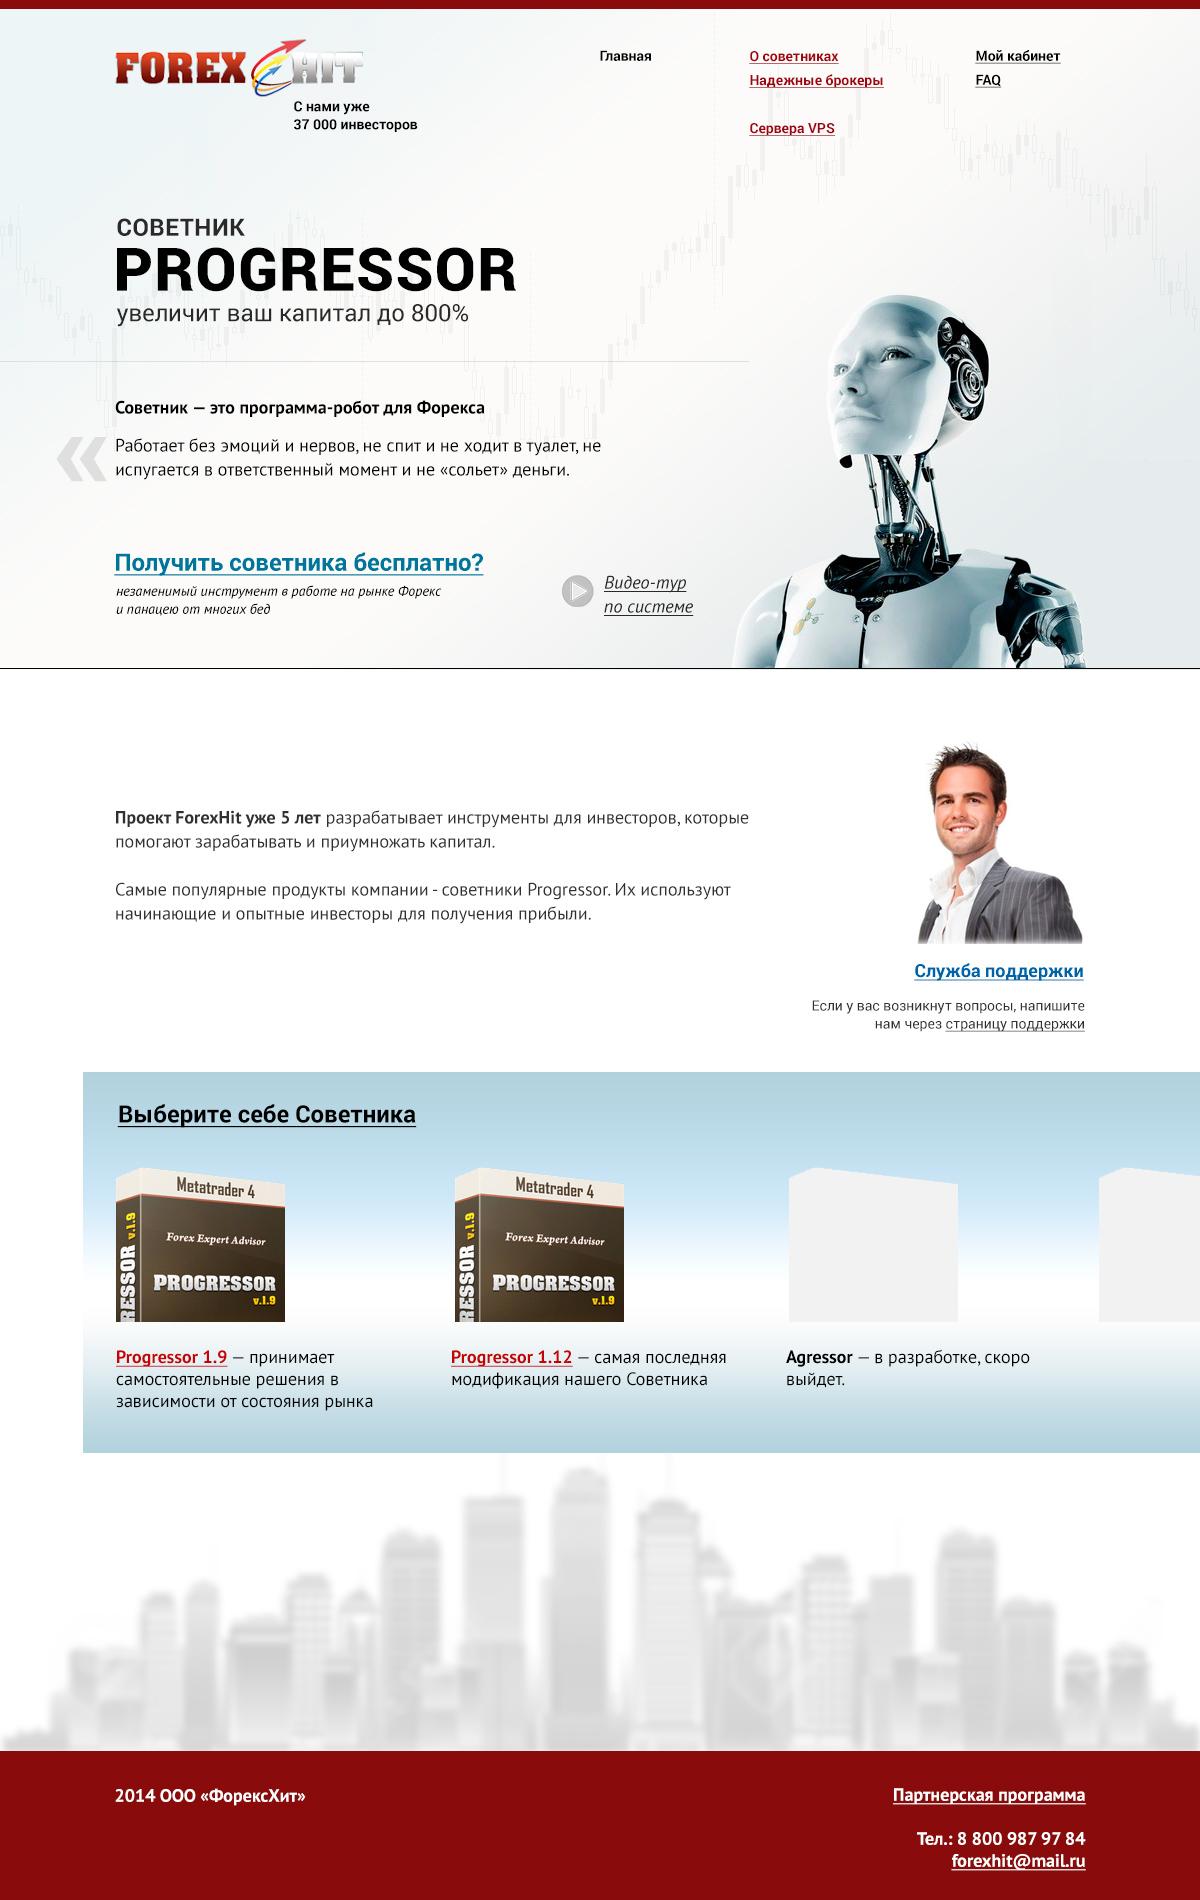 Дизайн главной страницы для «Форексхита»